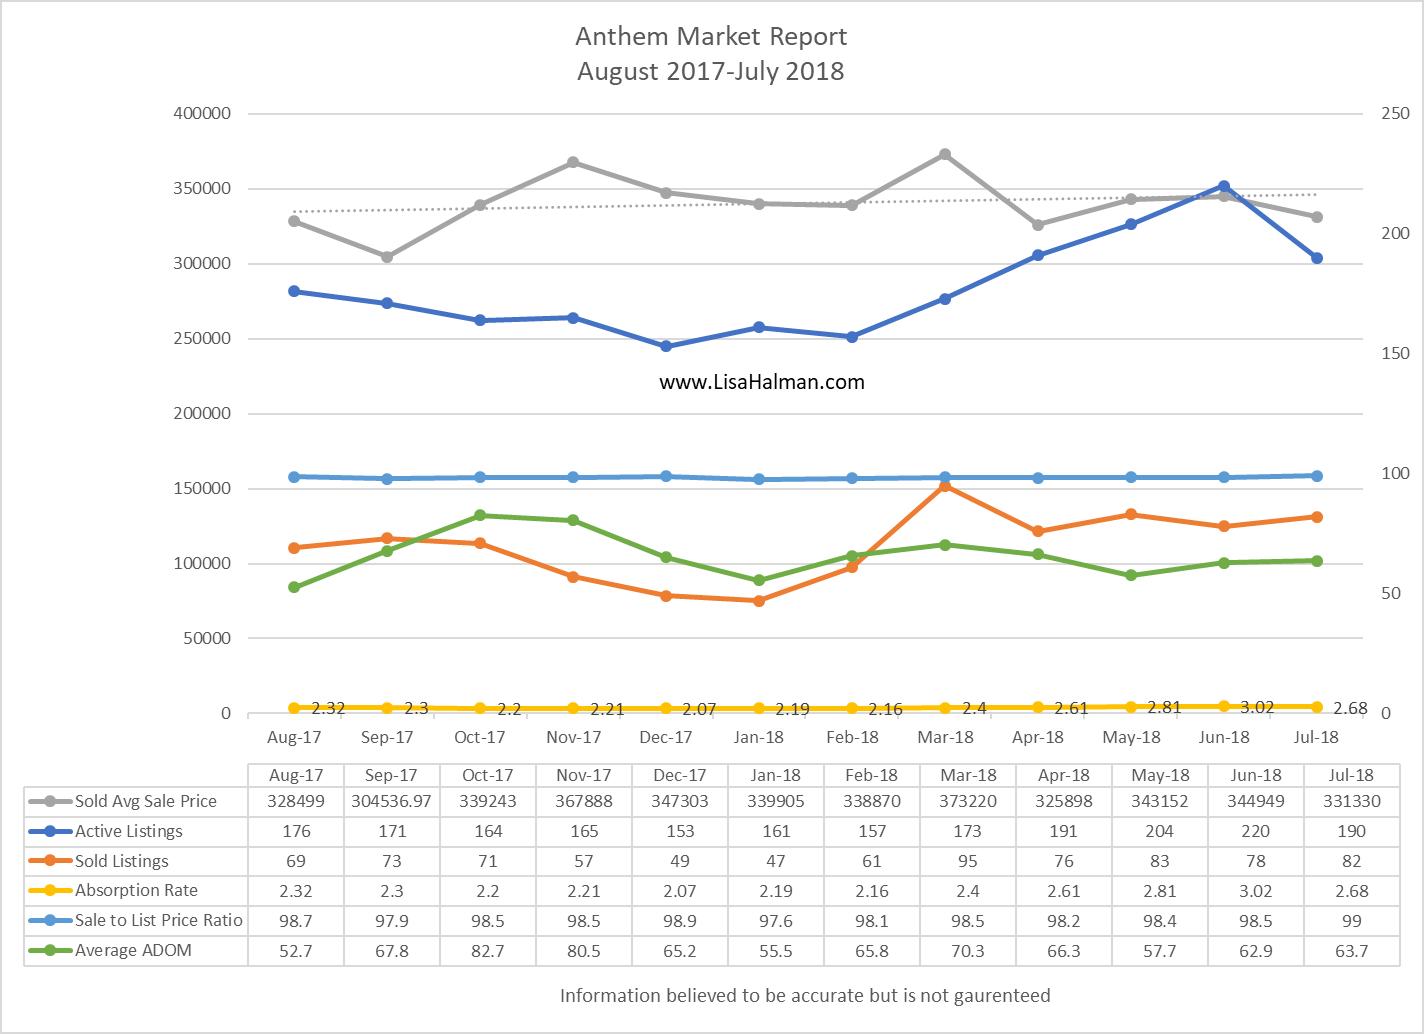 Anthem Market Update July 2018